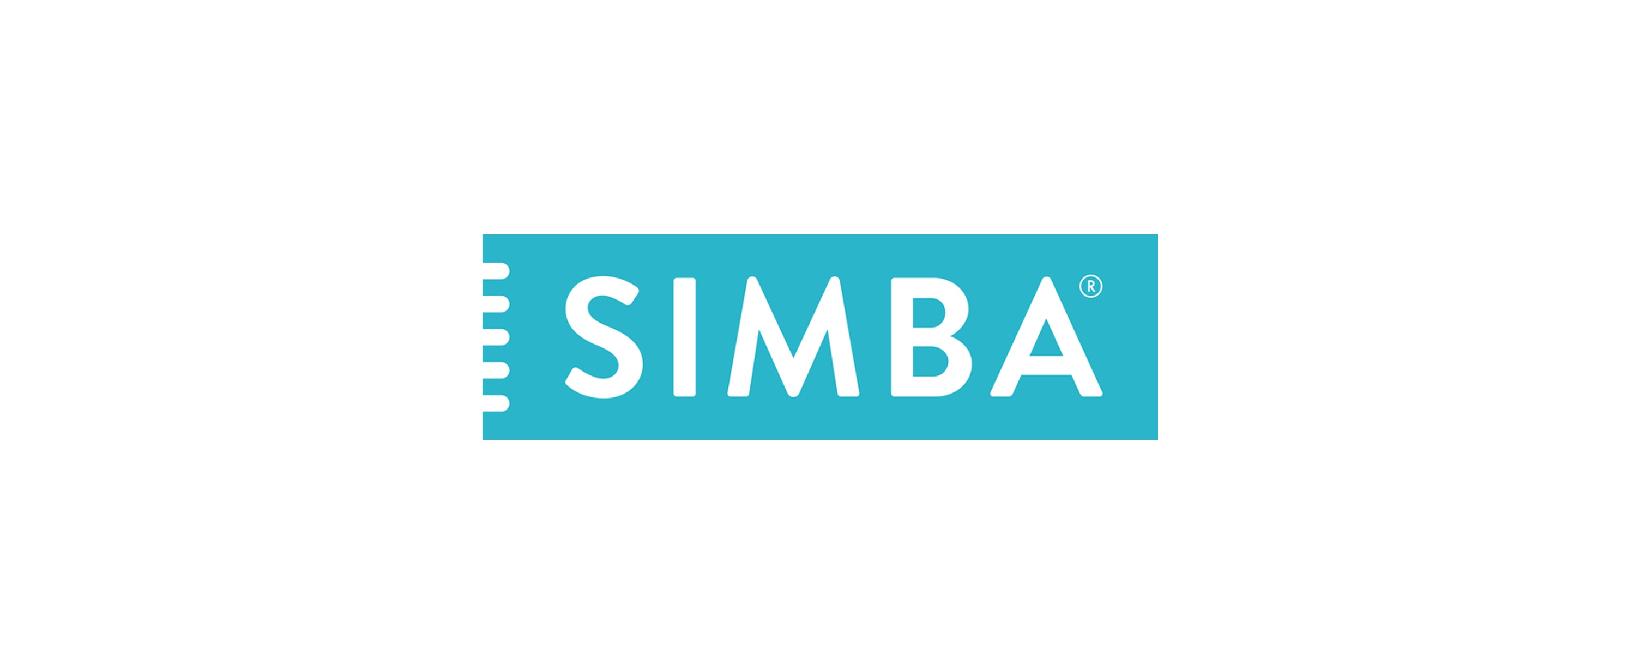 Simbasleep – Your Modern Mattress!